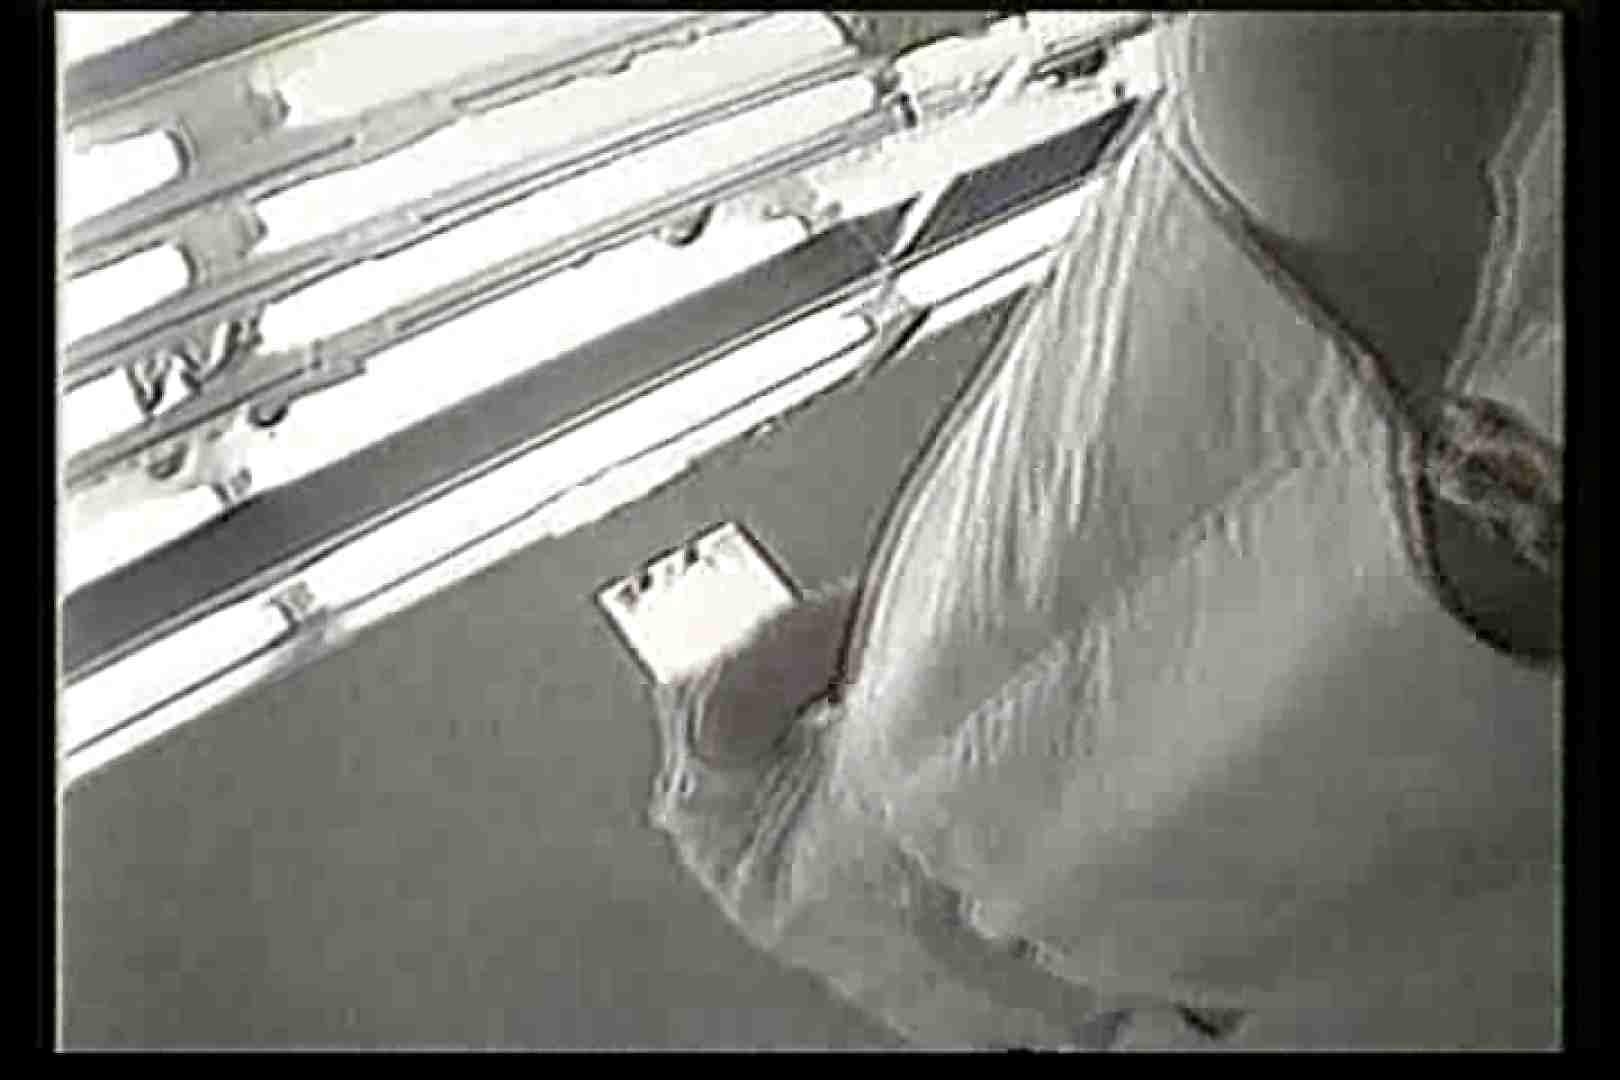 院内密着!看護婦達の下半身事情Vol.2 パンチラのぞき エロ無料画像 79画像 70